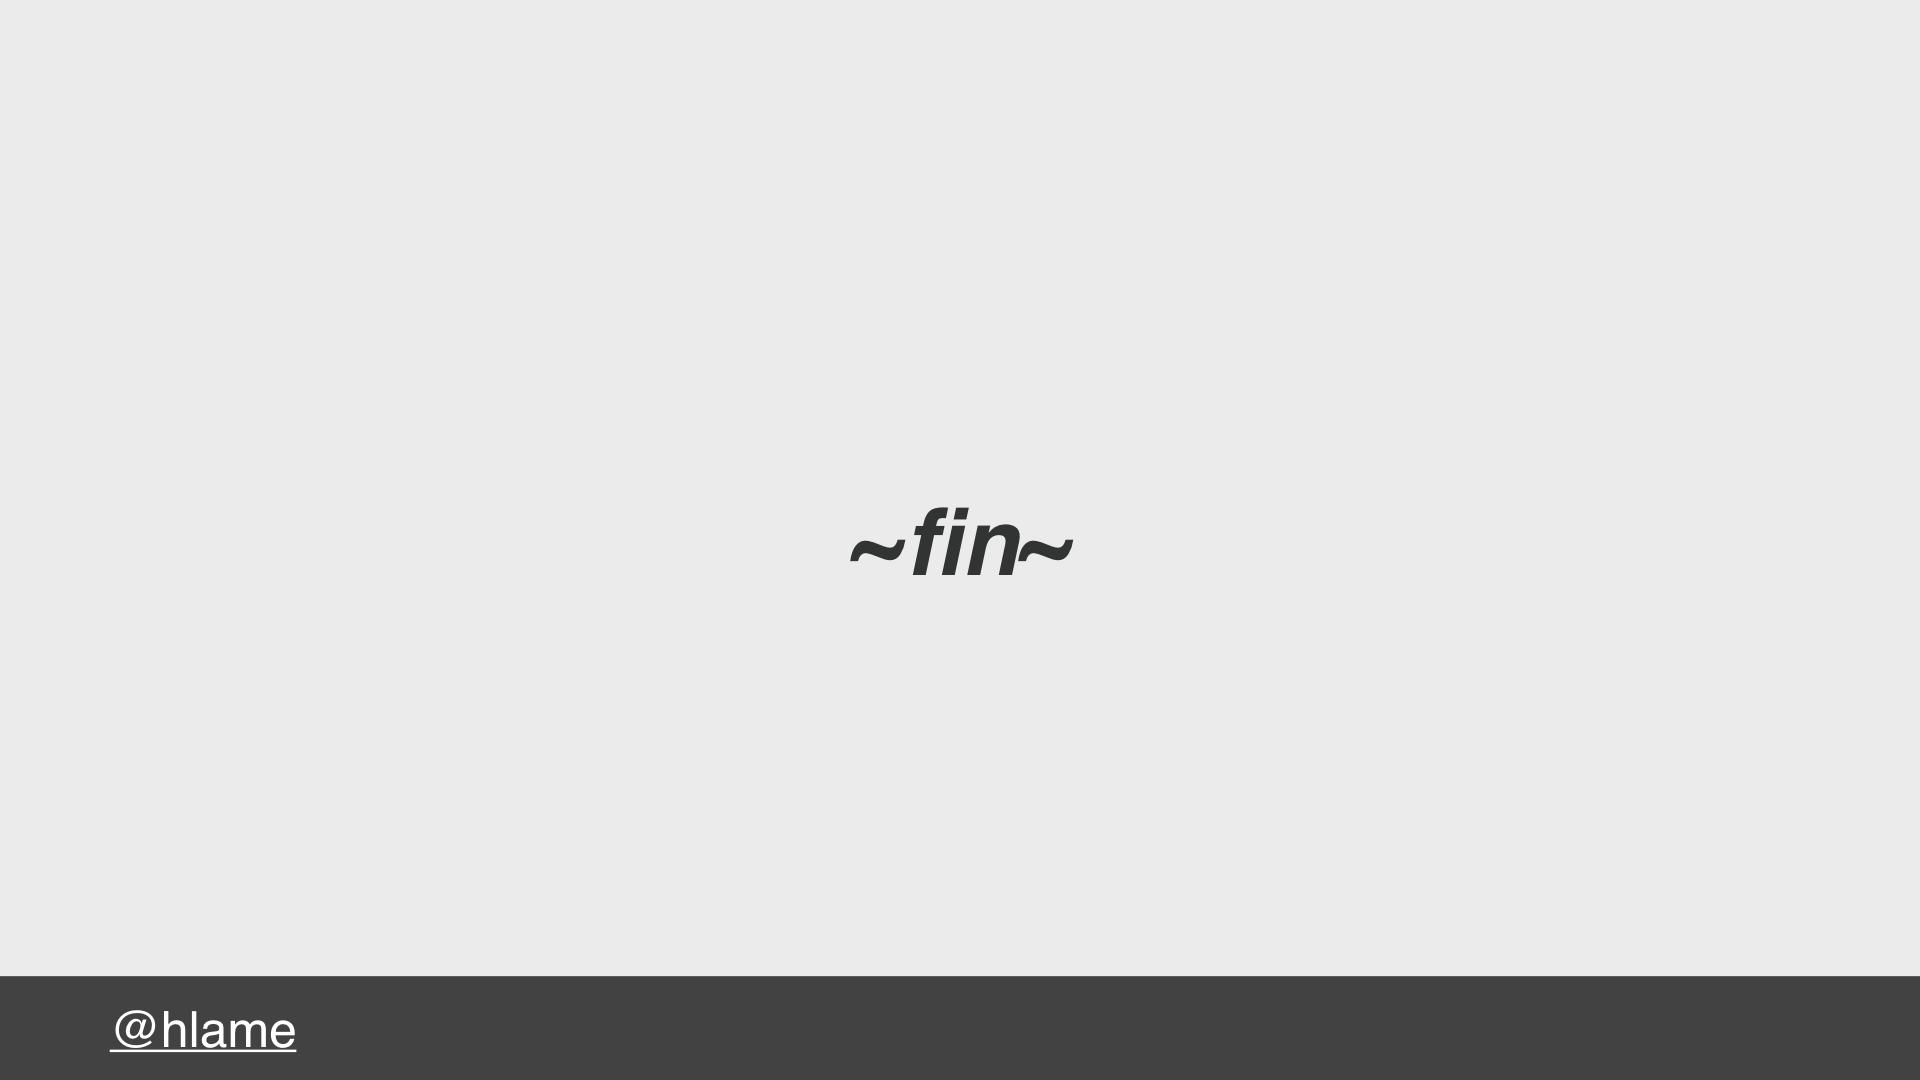 text: ~fin~